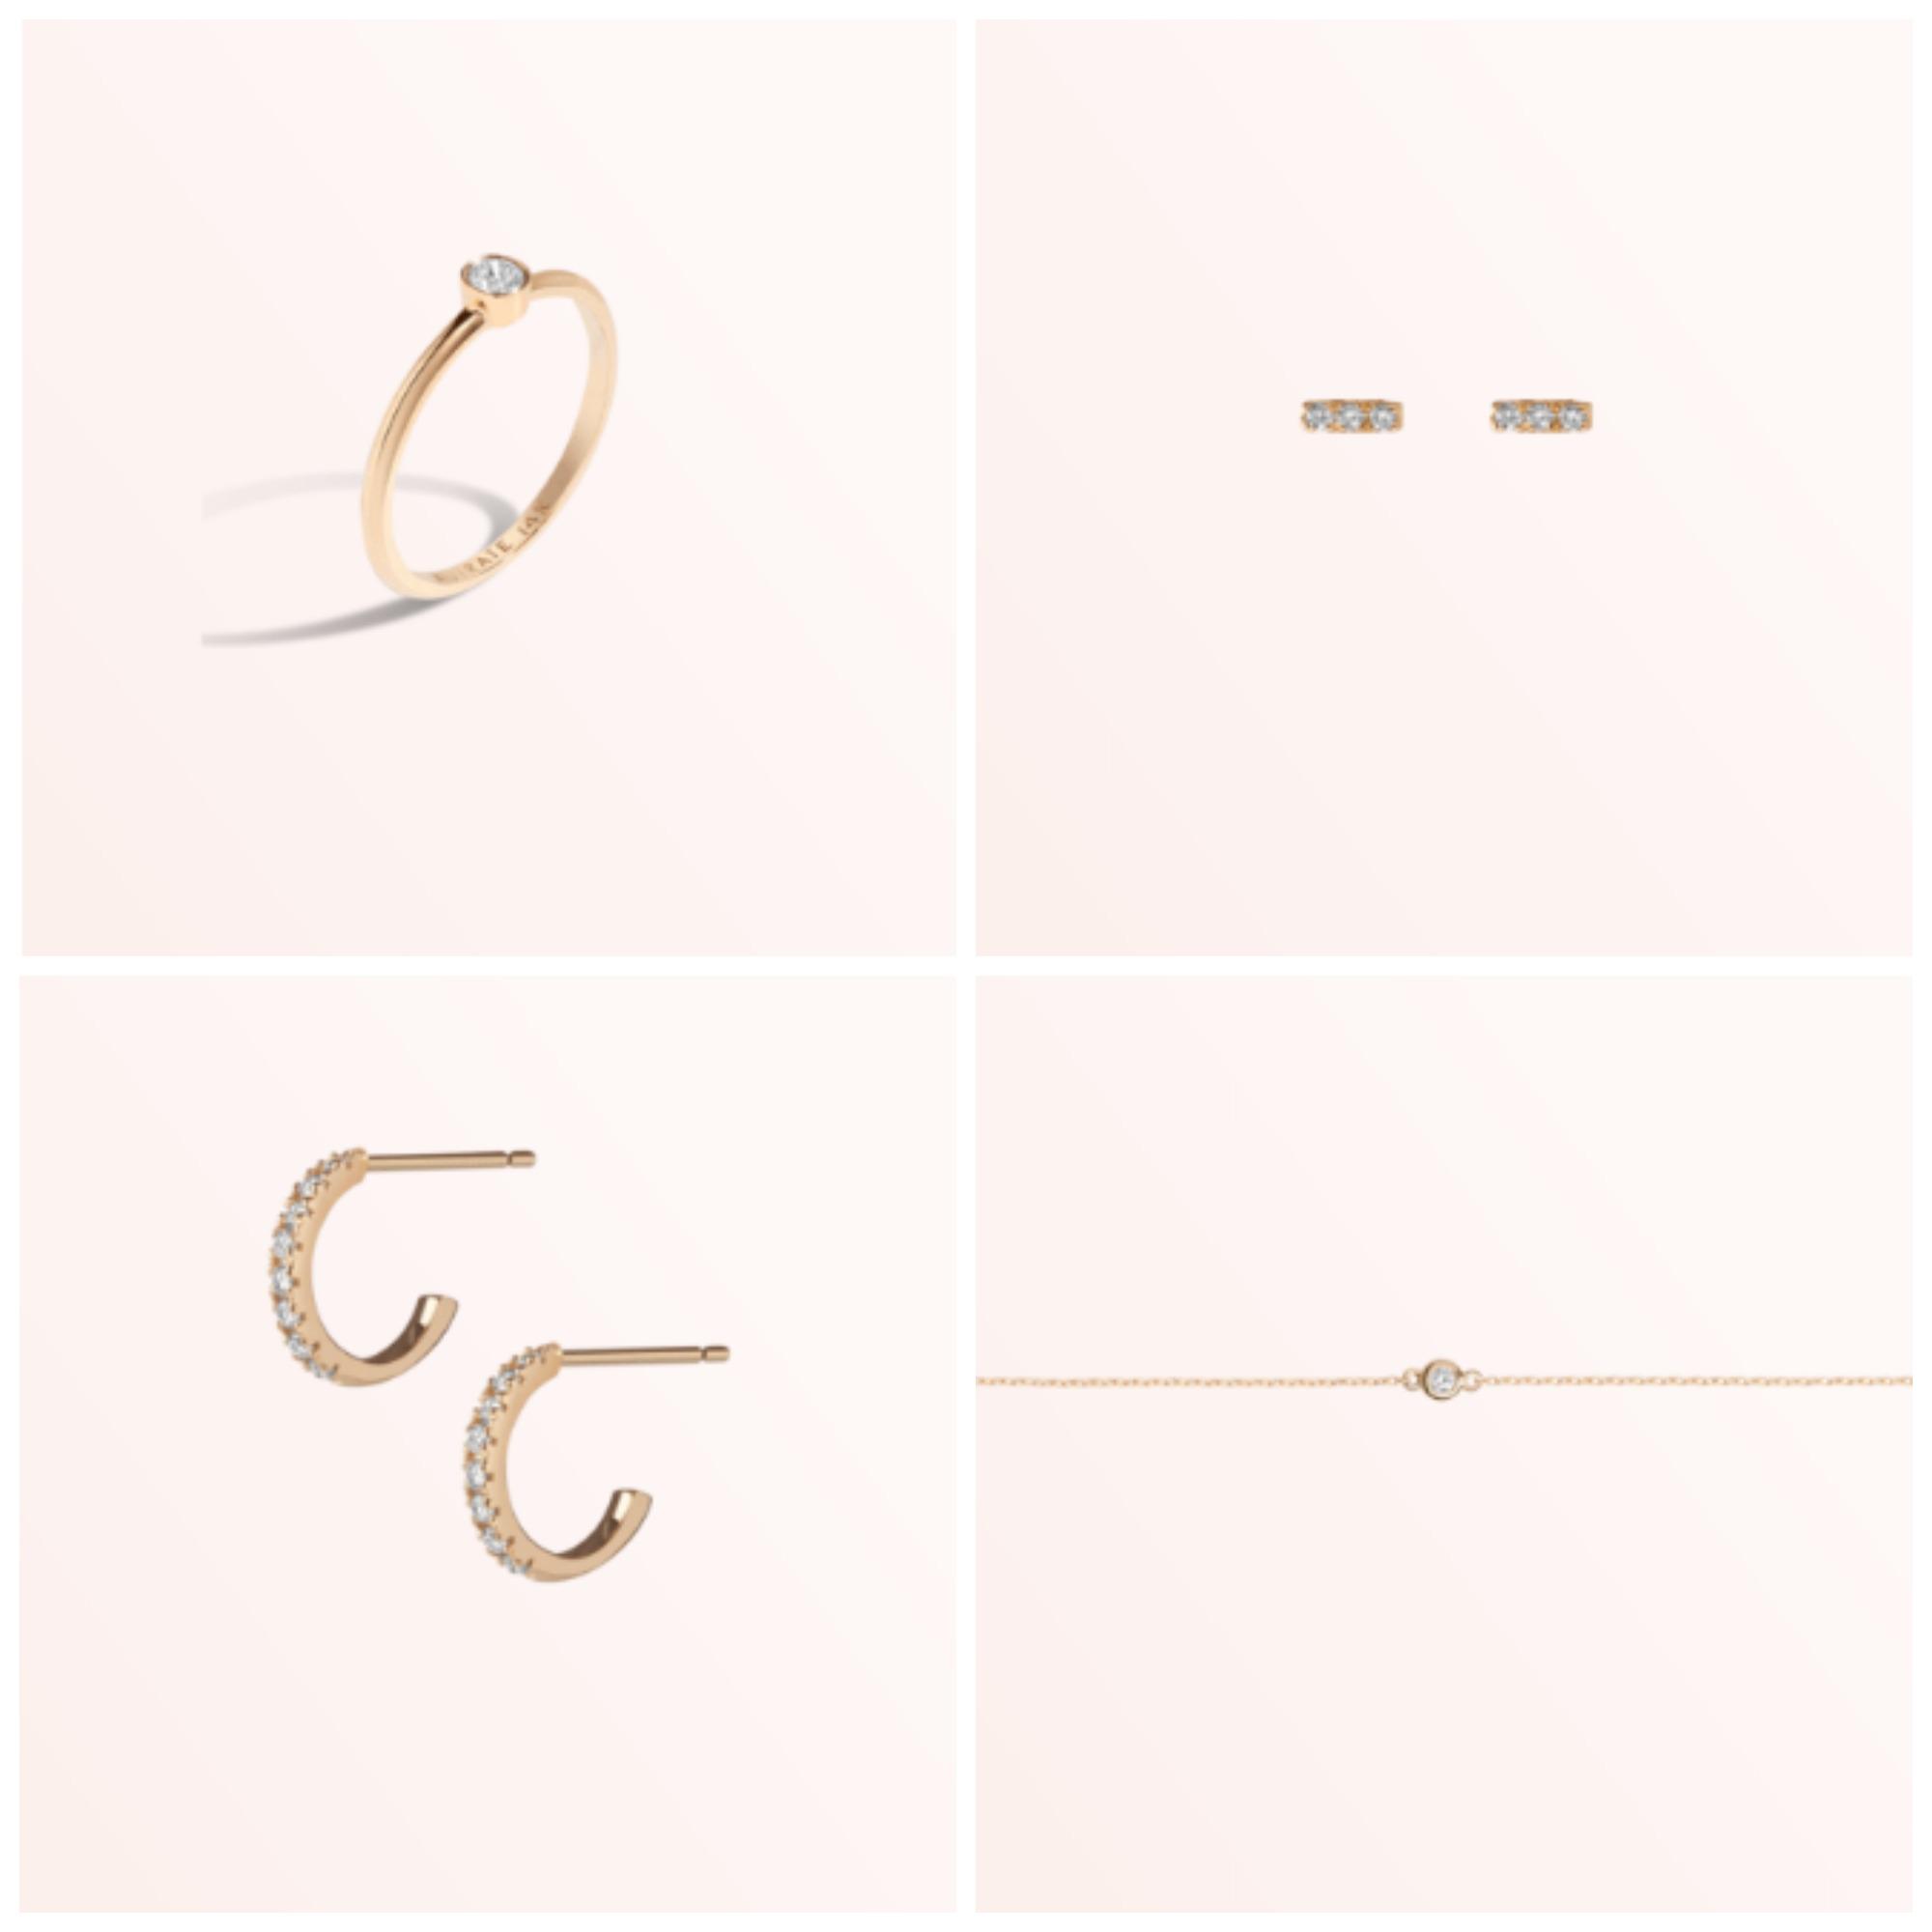 dainty-jewelry-aurate